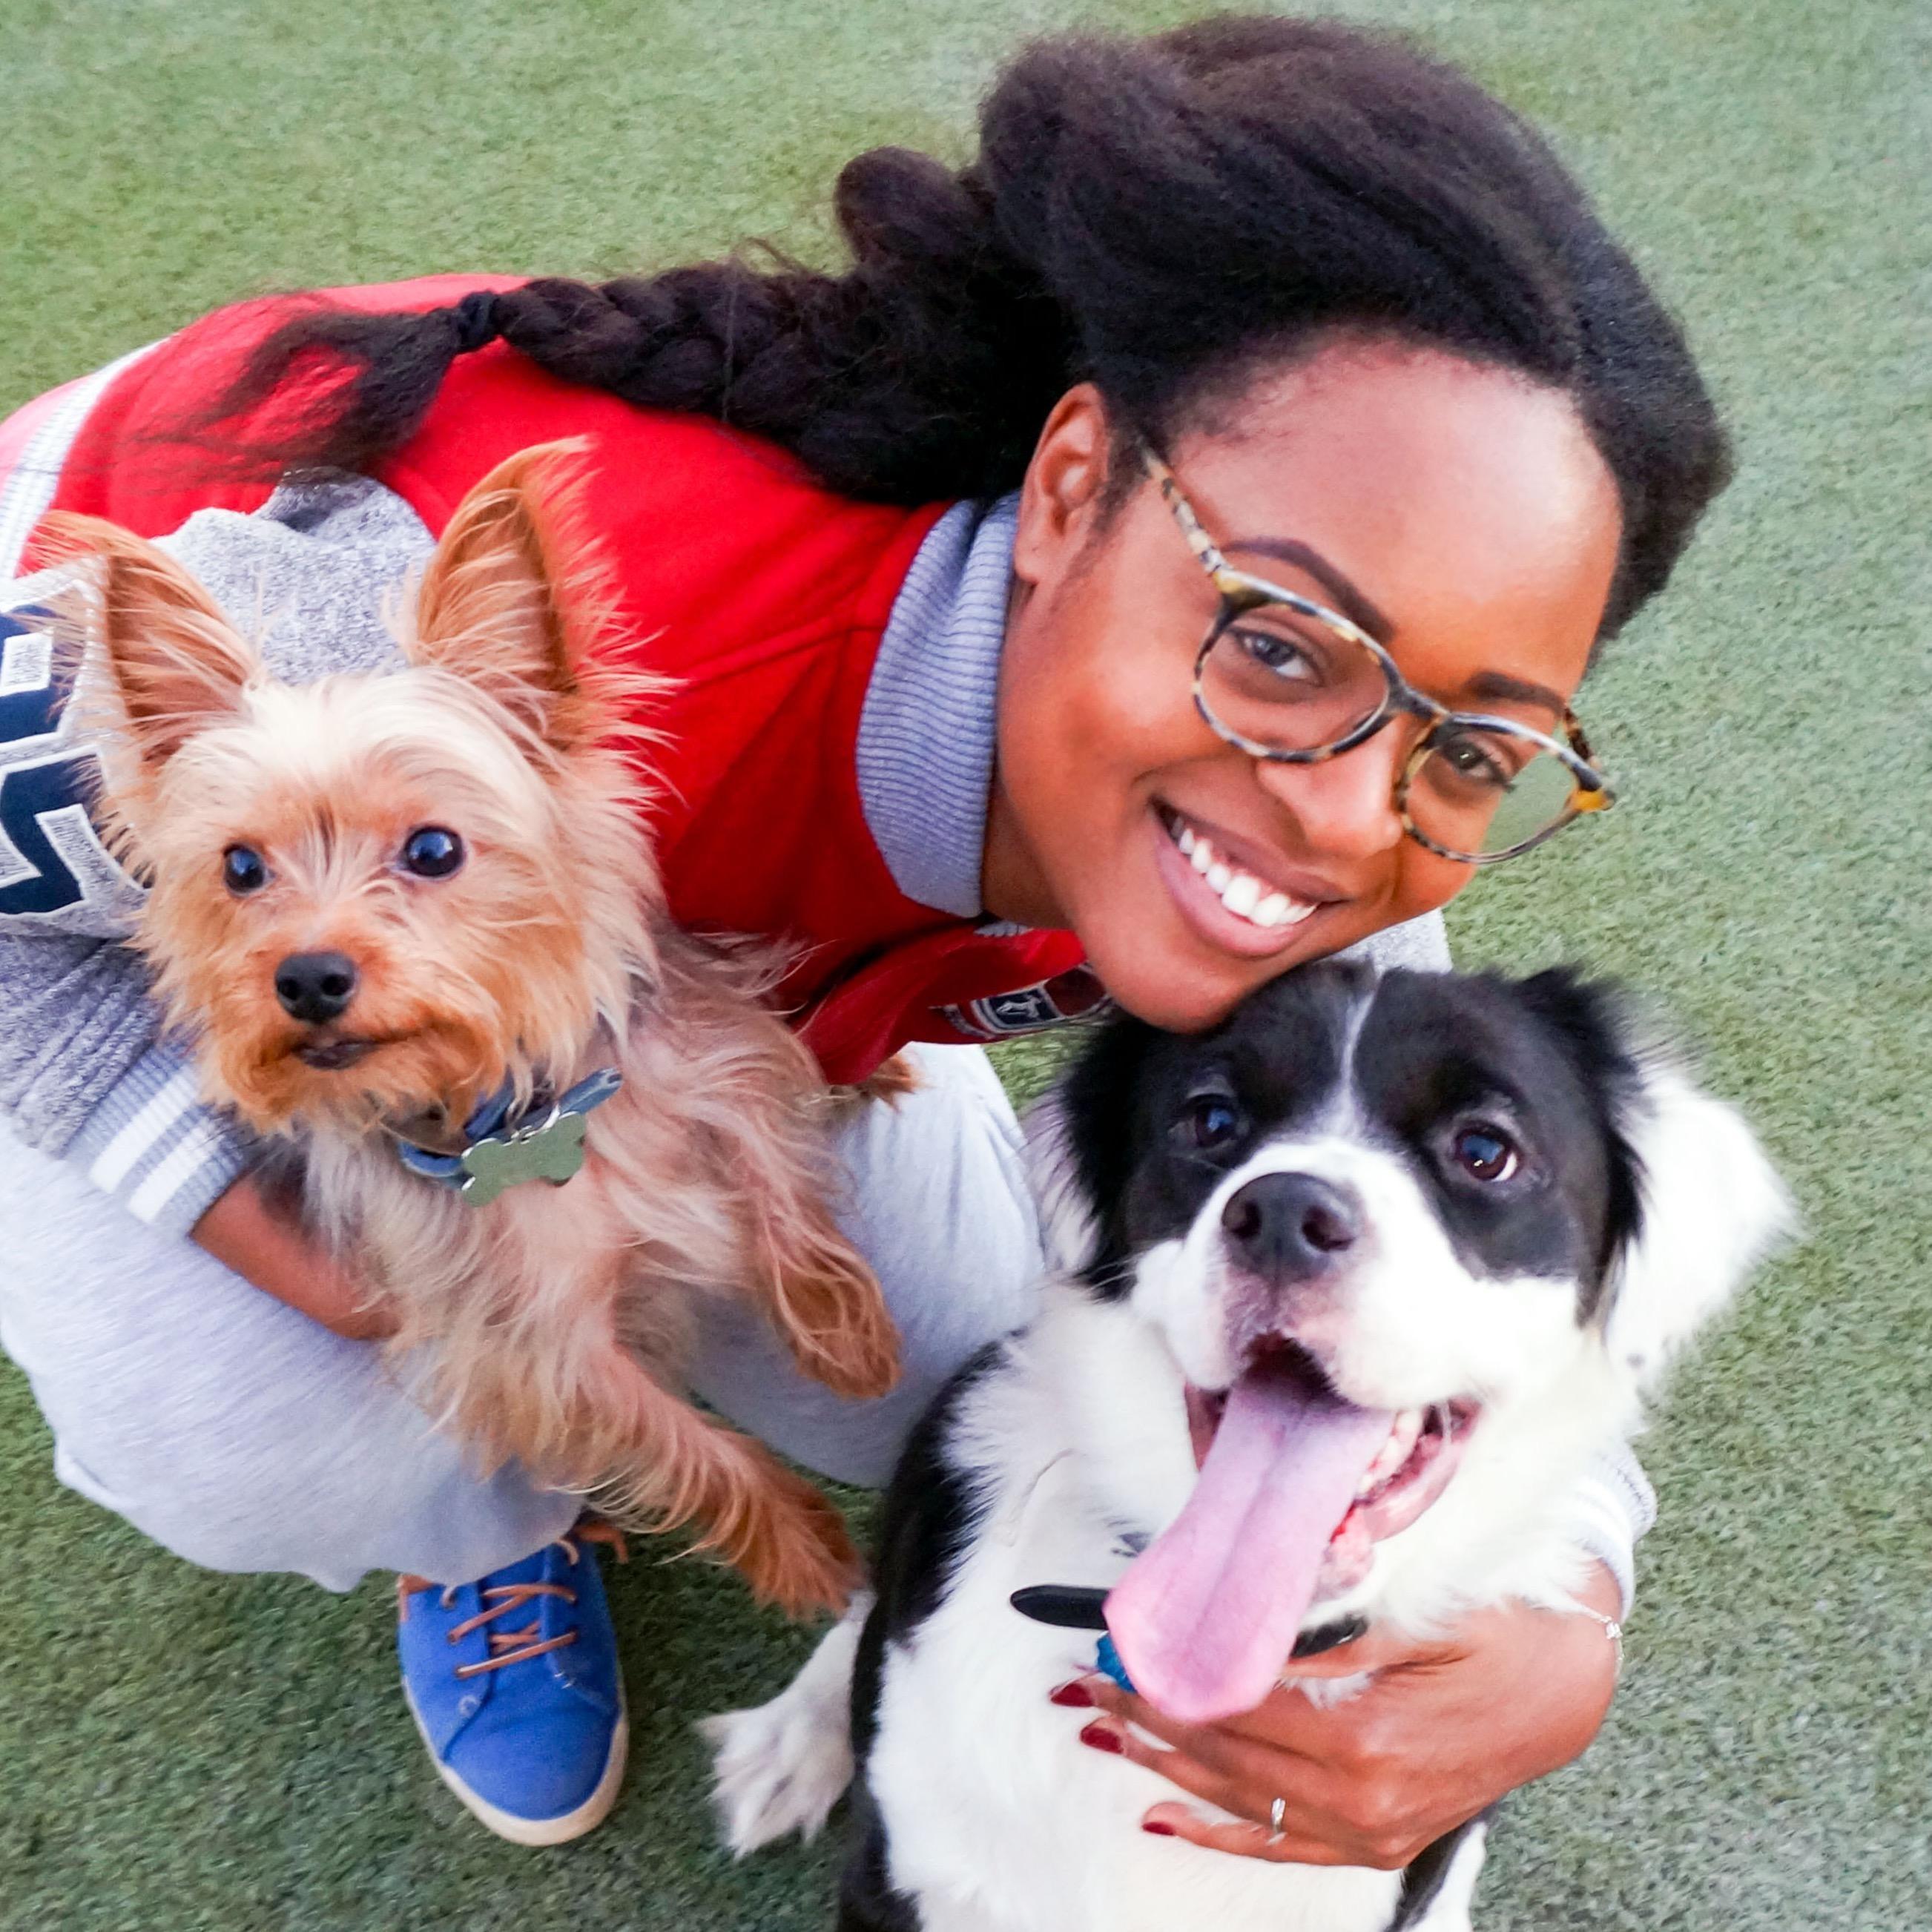 dog walker Latoya & Jaqwan